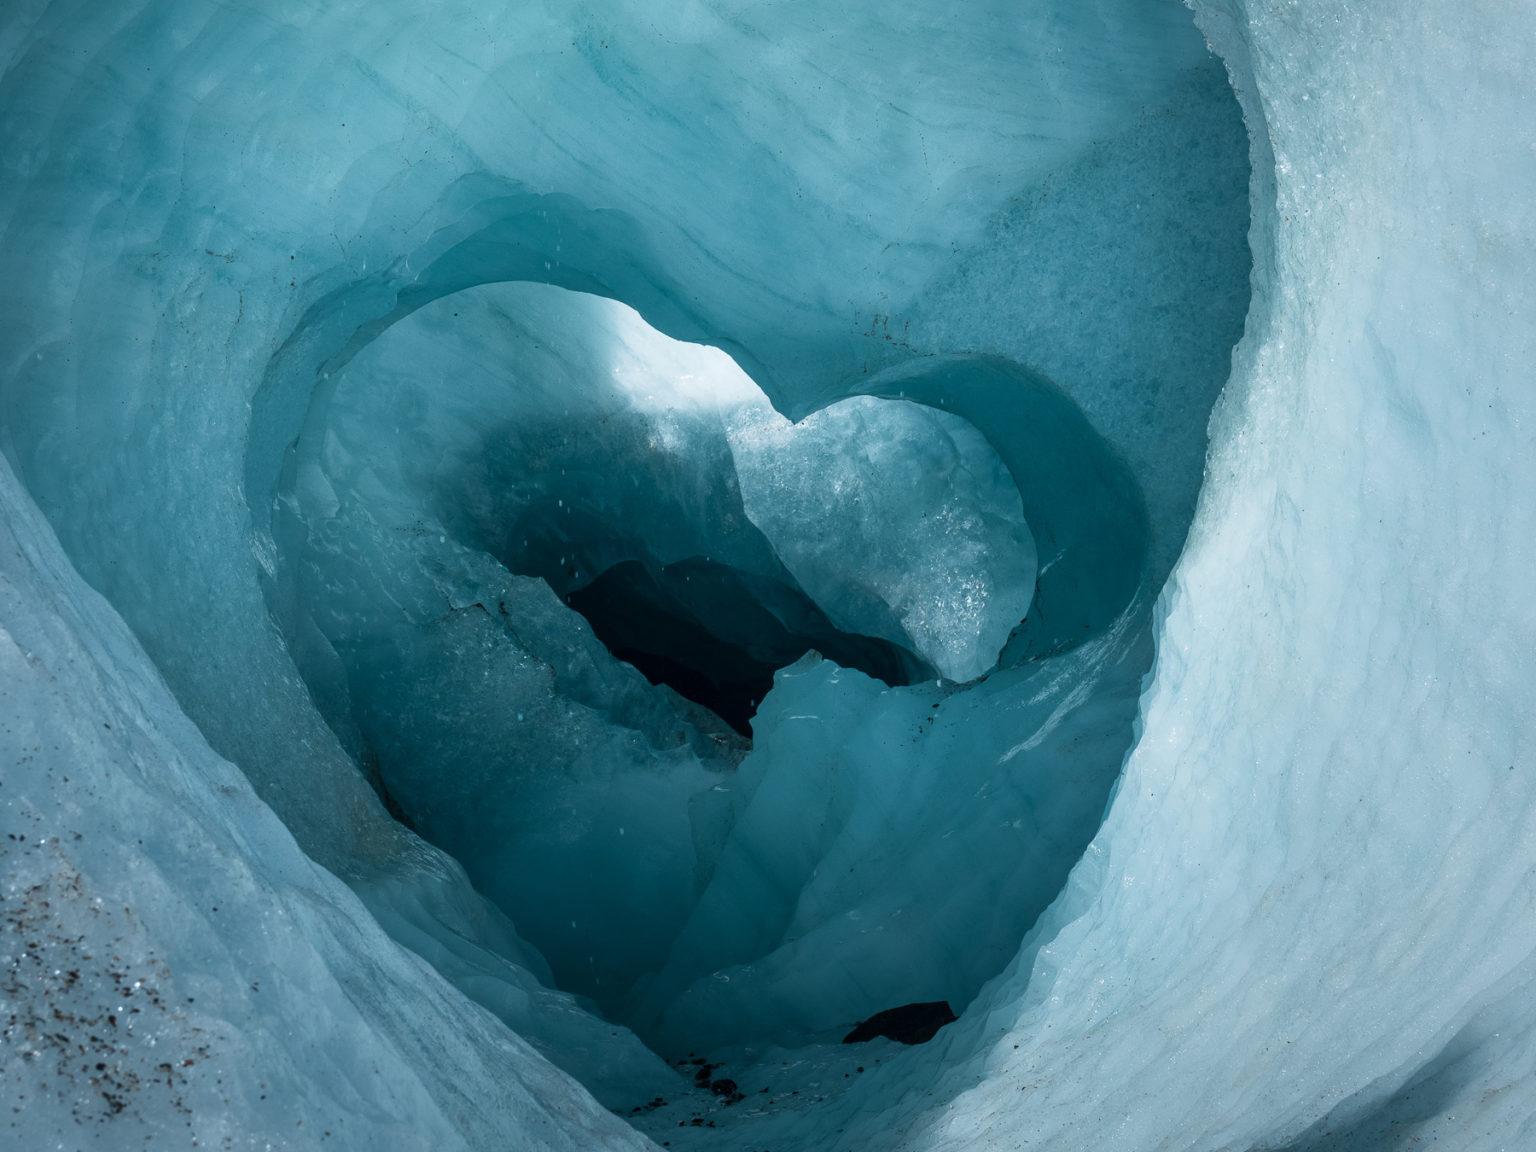 Wunderschöne eisblaue Gletscherhöhlen